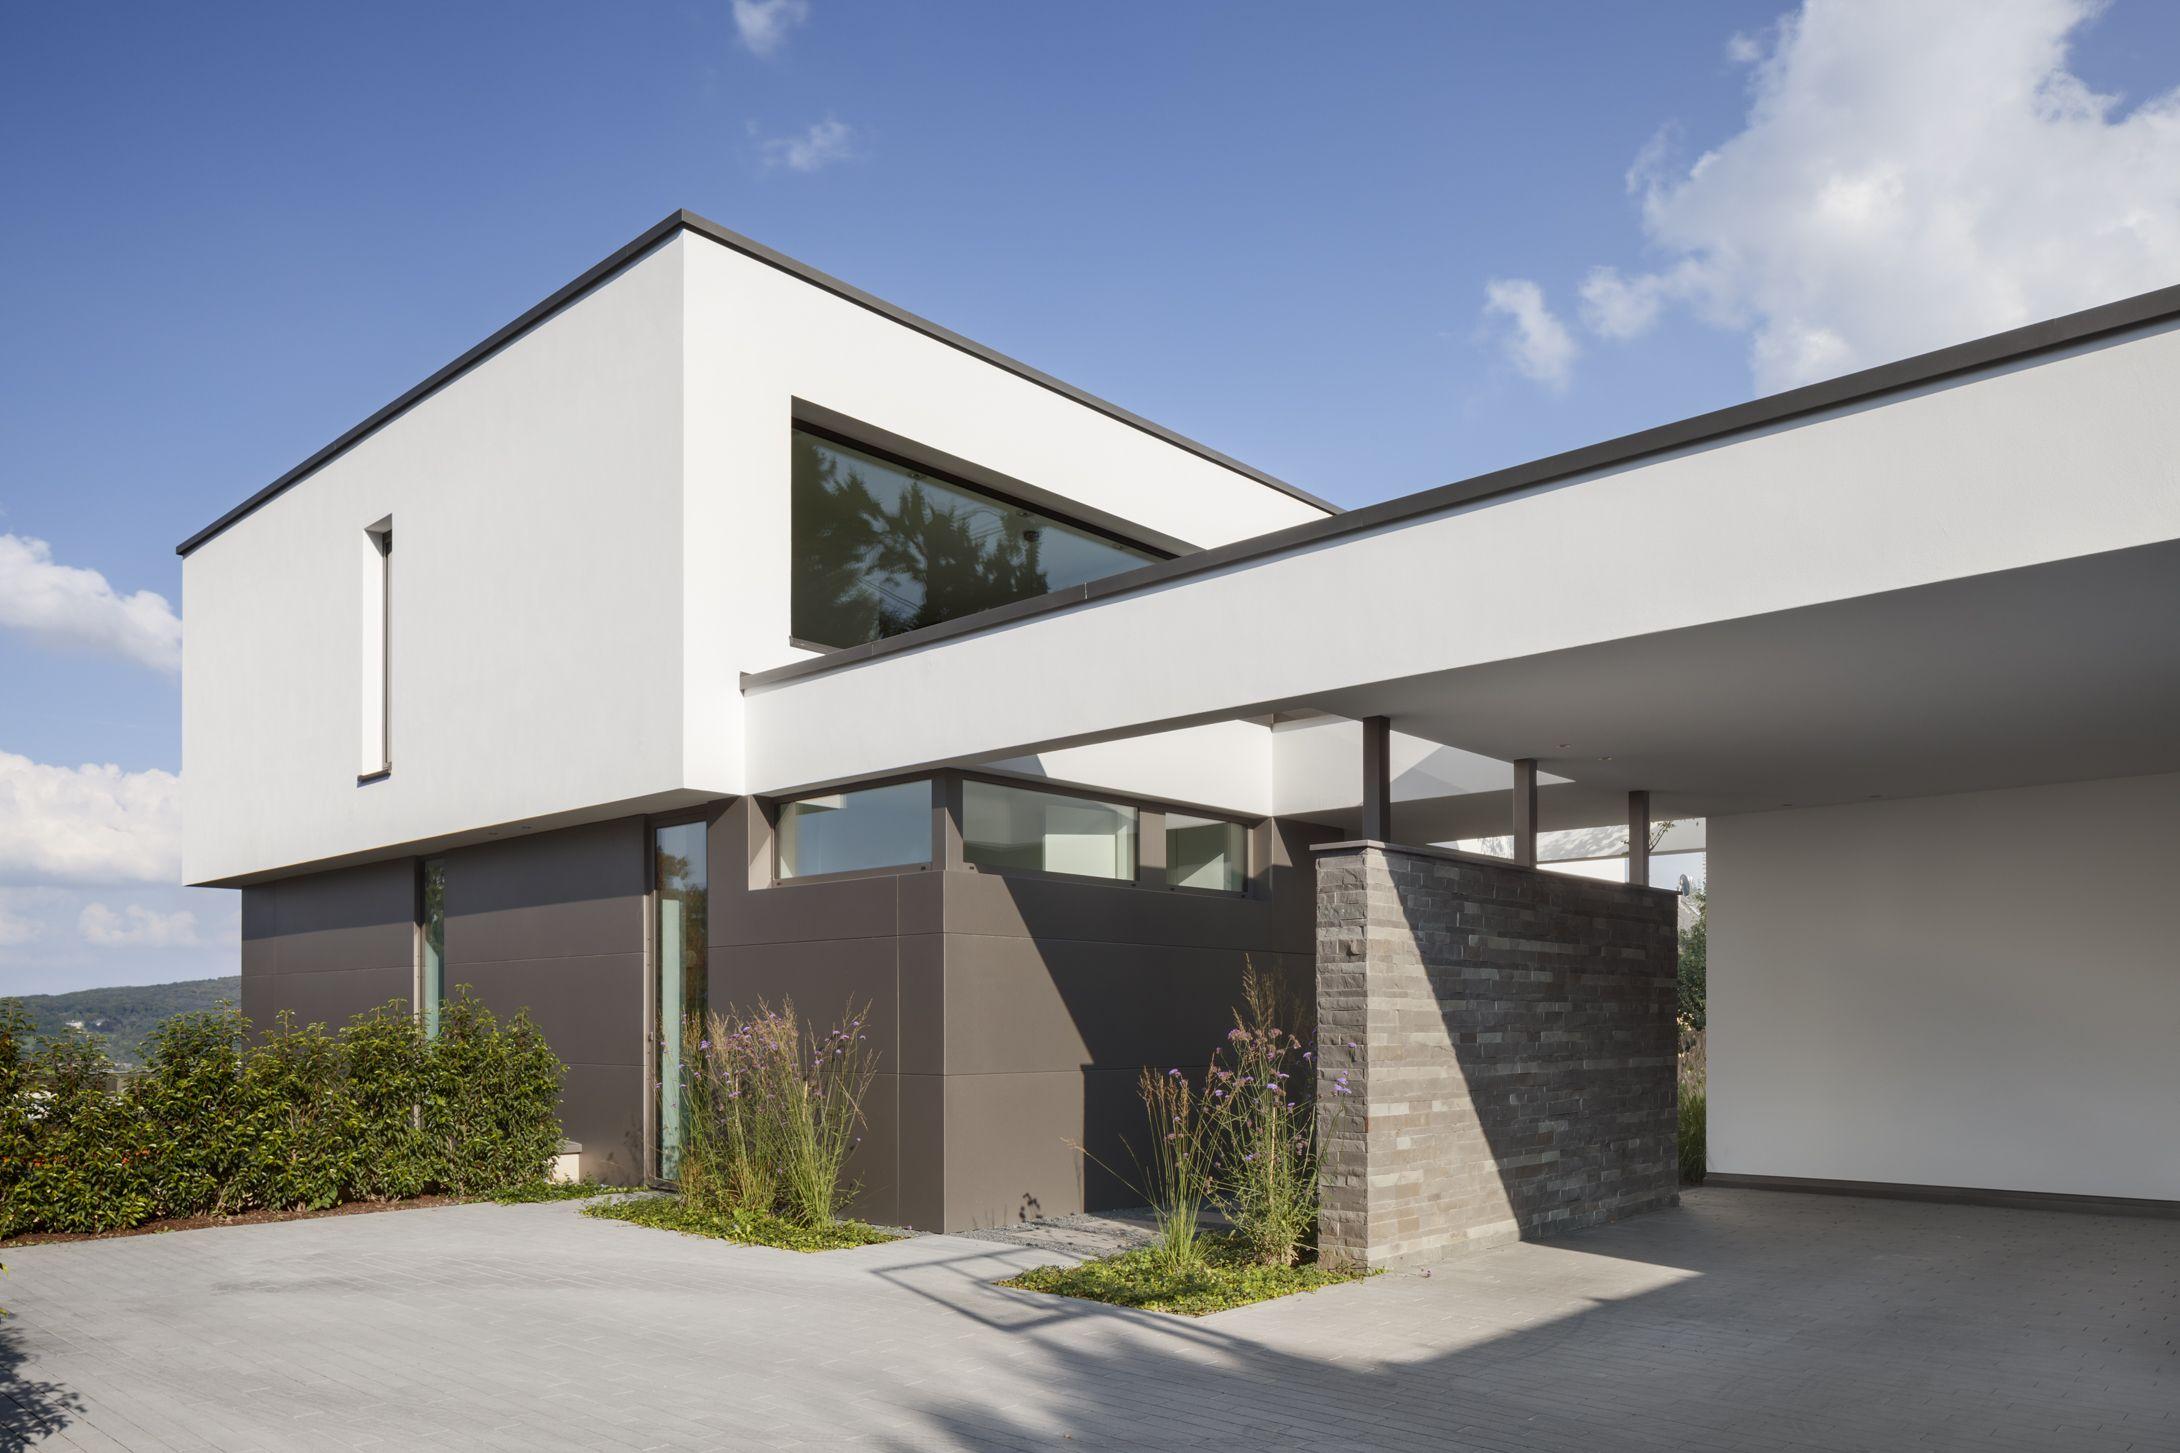 Moderne architektur mit offener garage einfahrt mit for Modernes einfamilienhaus mit garage